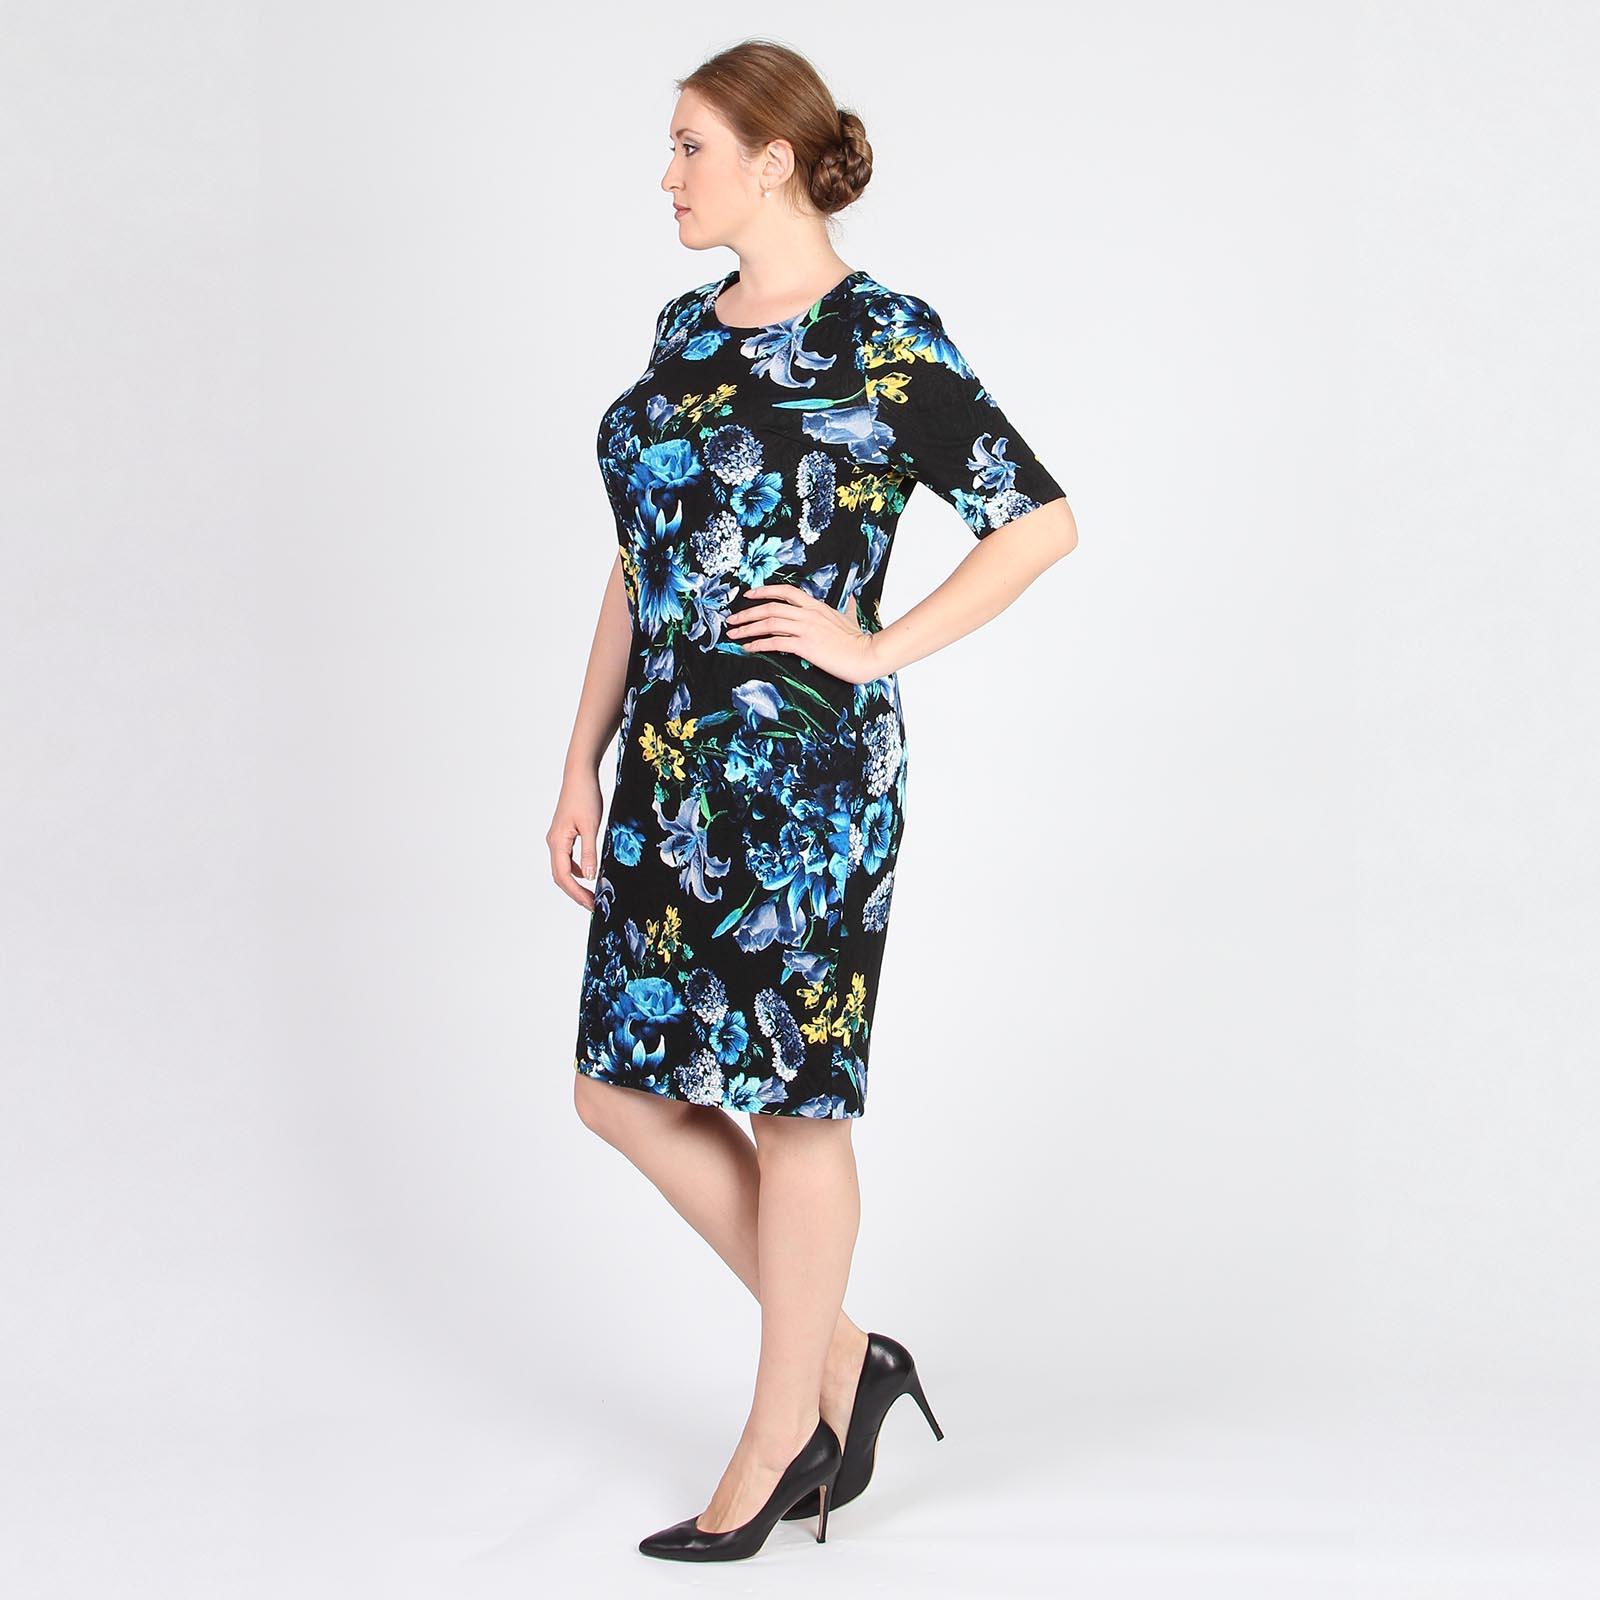 Женская Одежда Милада С Доставкой